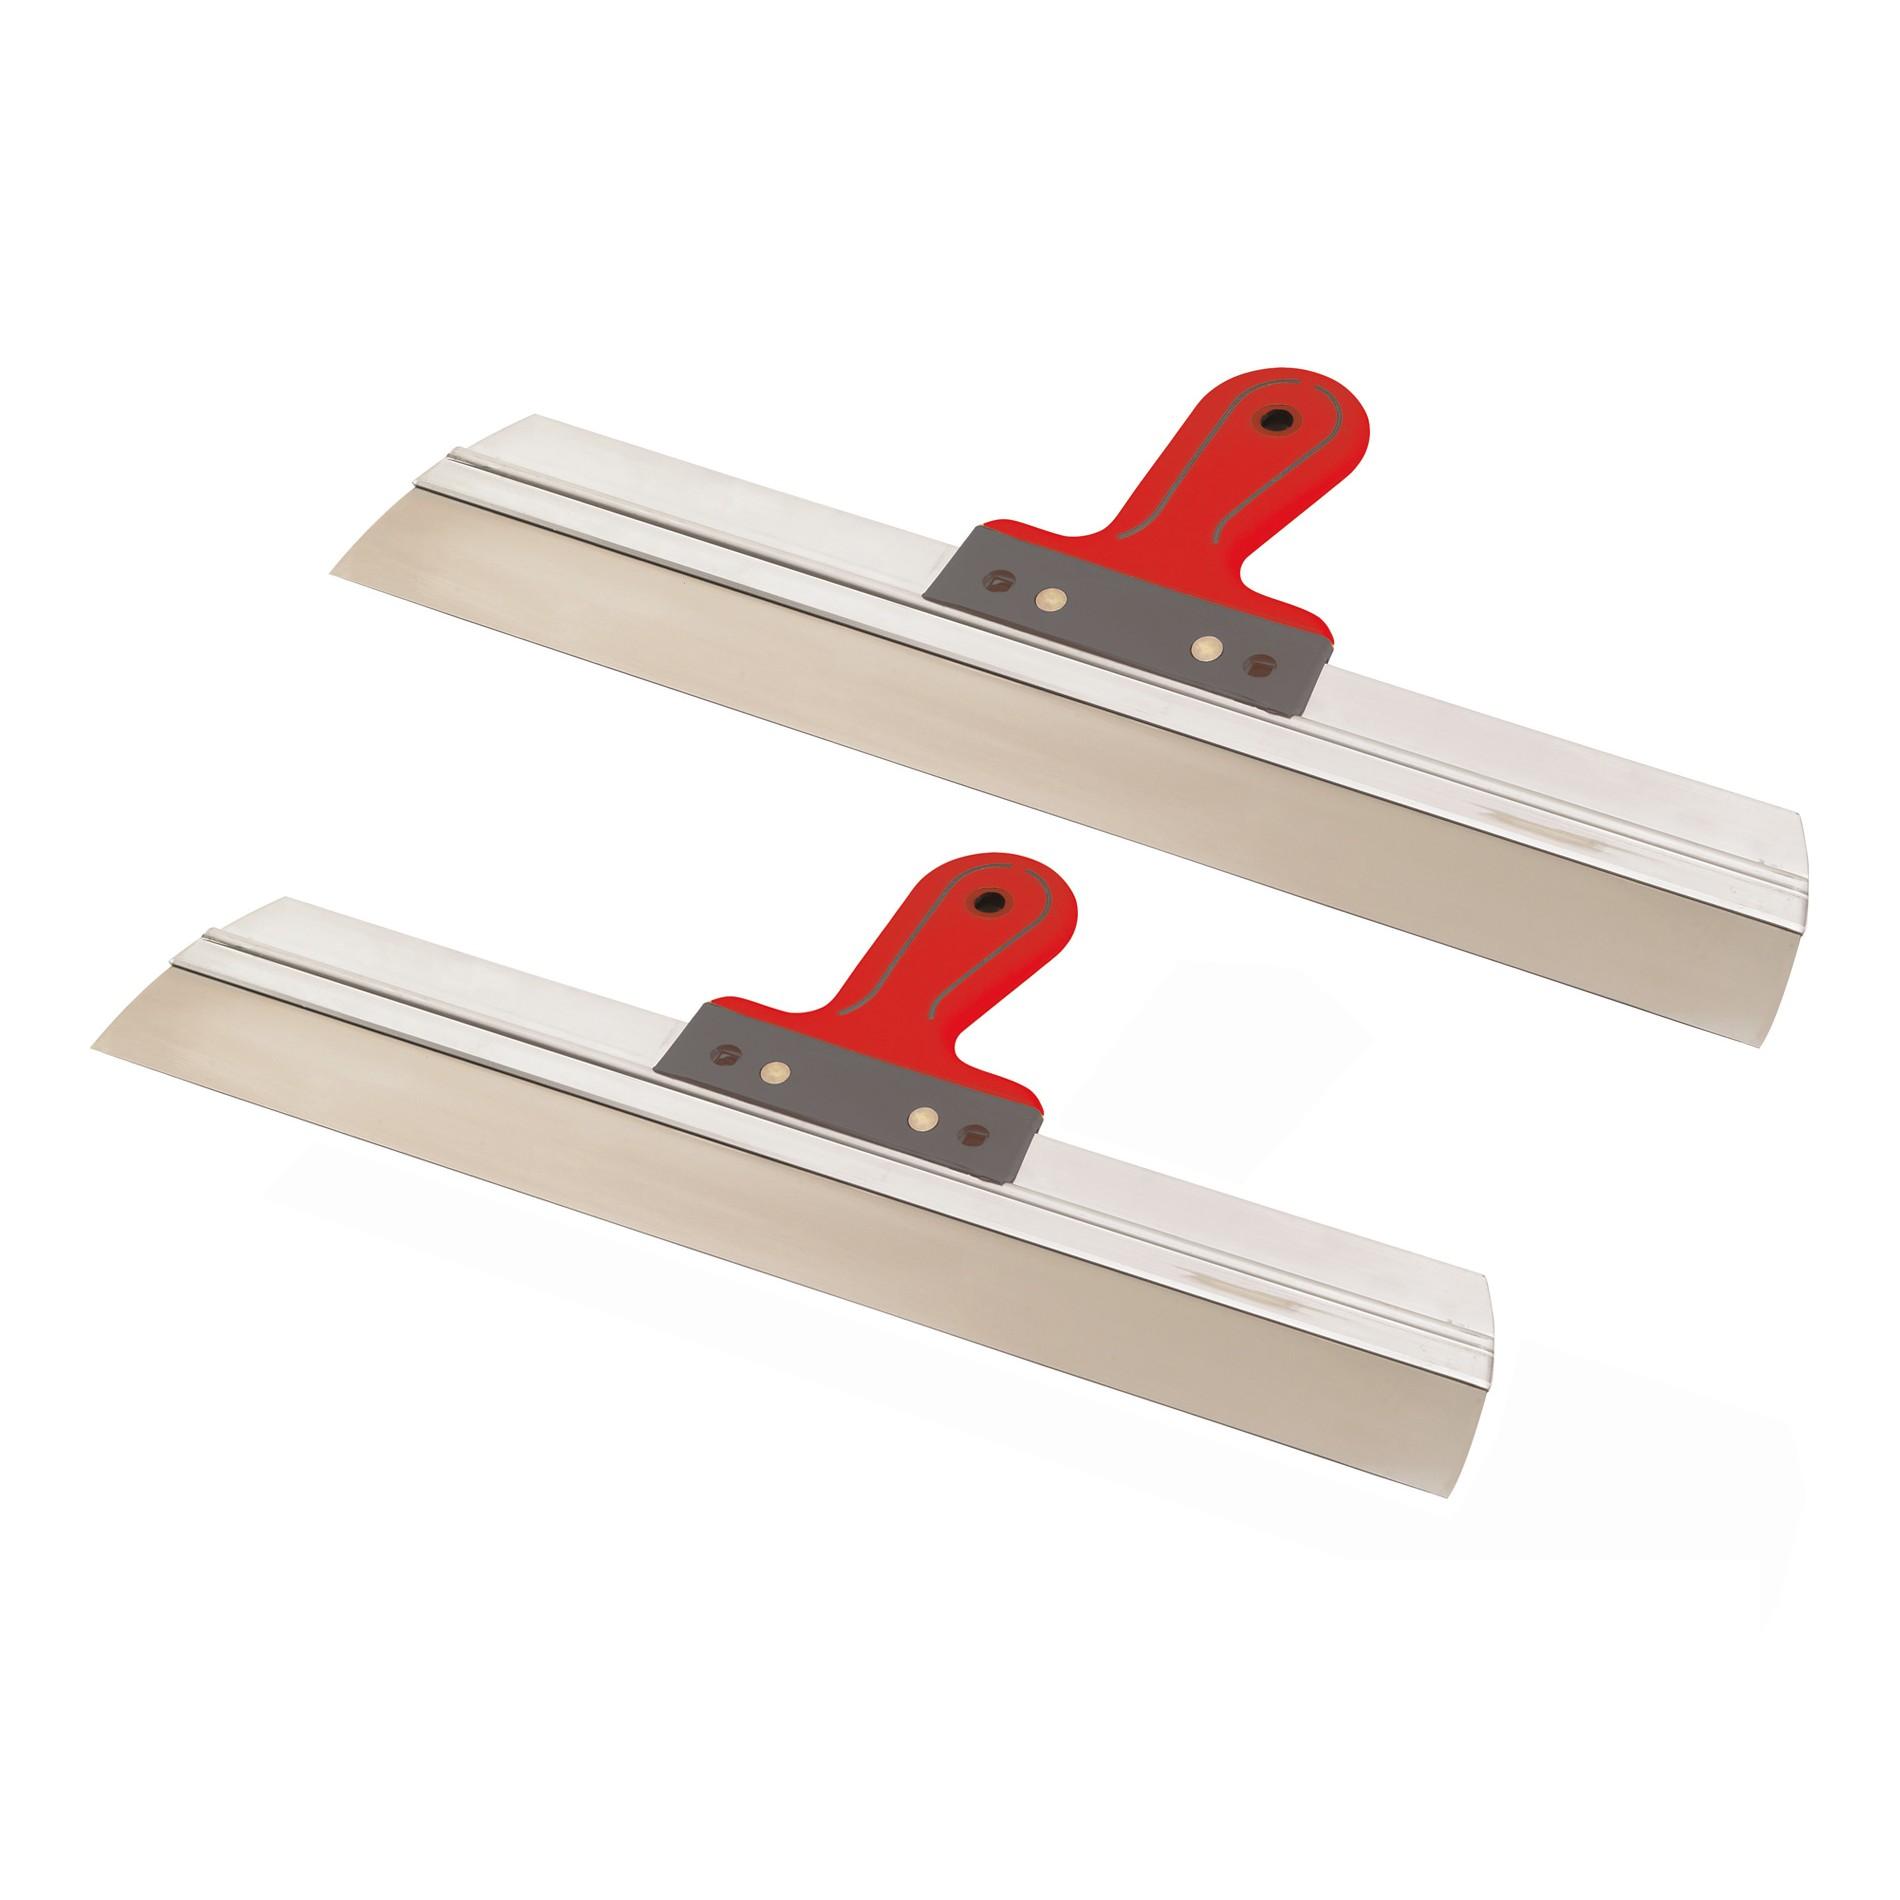 couteau enduire sur d coffrage 50 ou 60 cm pour angles arrondis. Black Bedroom Furniture Sets. Home Design Ideas